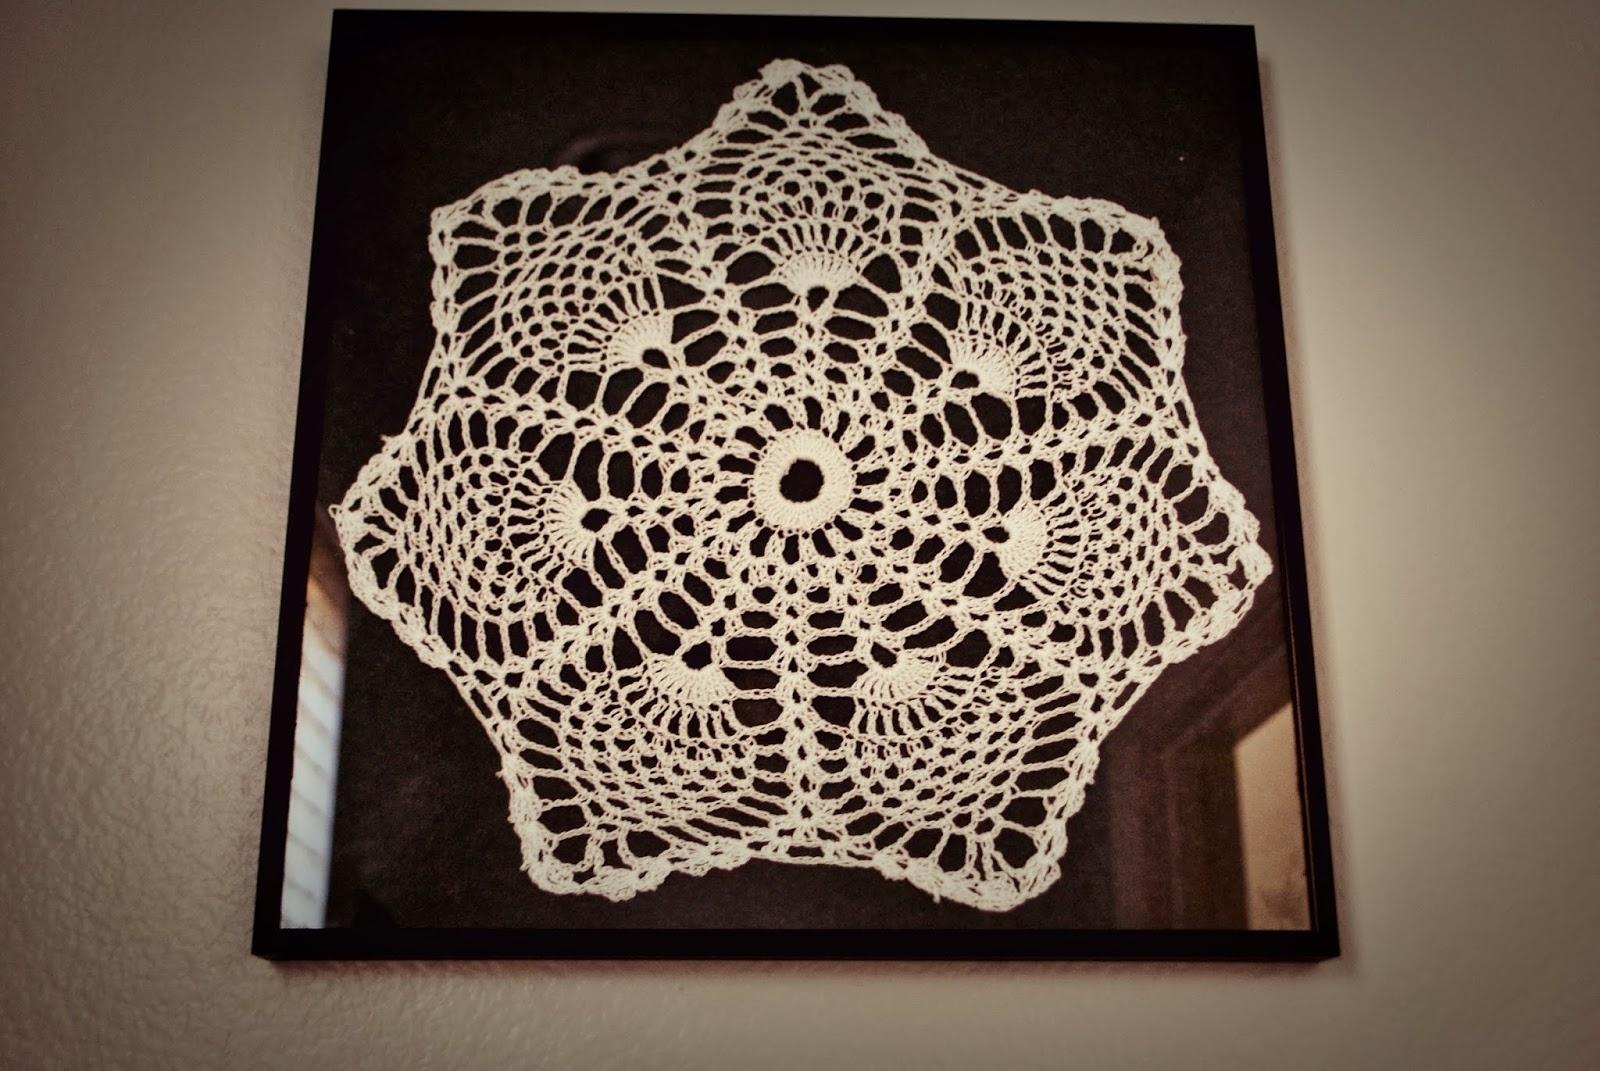 Maya's Wonderland: Framed Crochet Doilies Wall Art Intended For Current Crochet Wall Art (View 13 of 20)